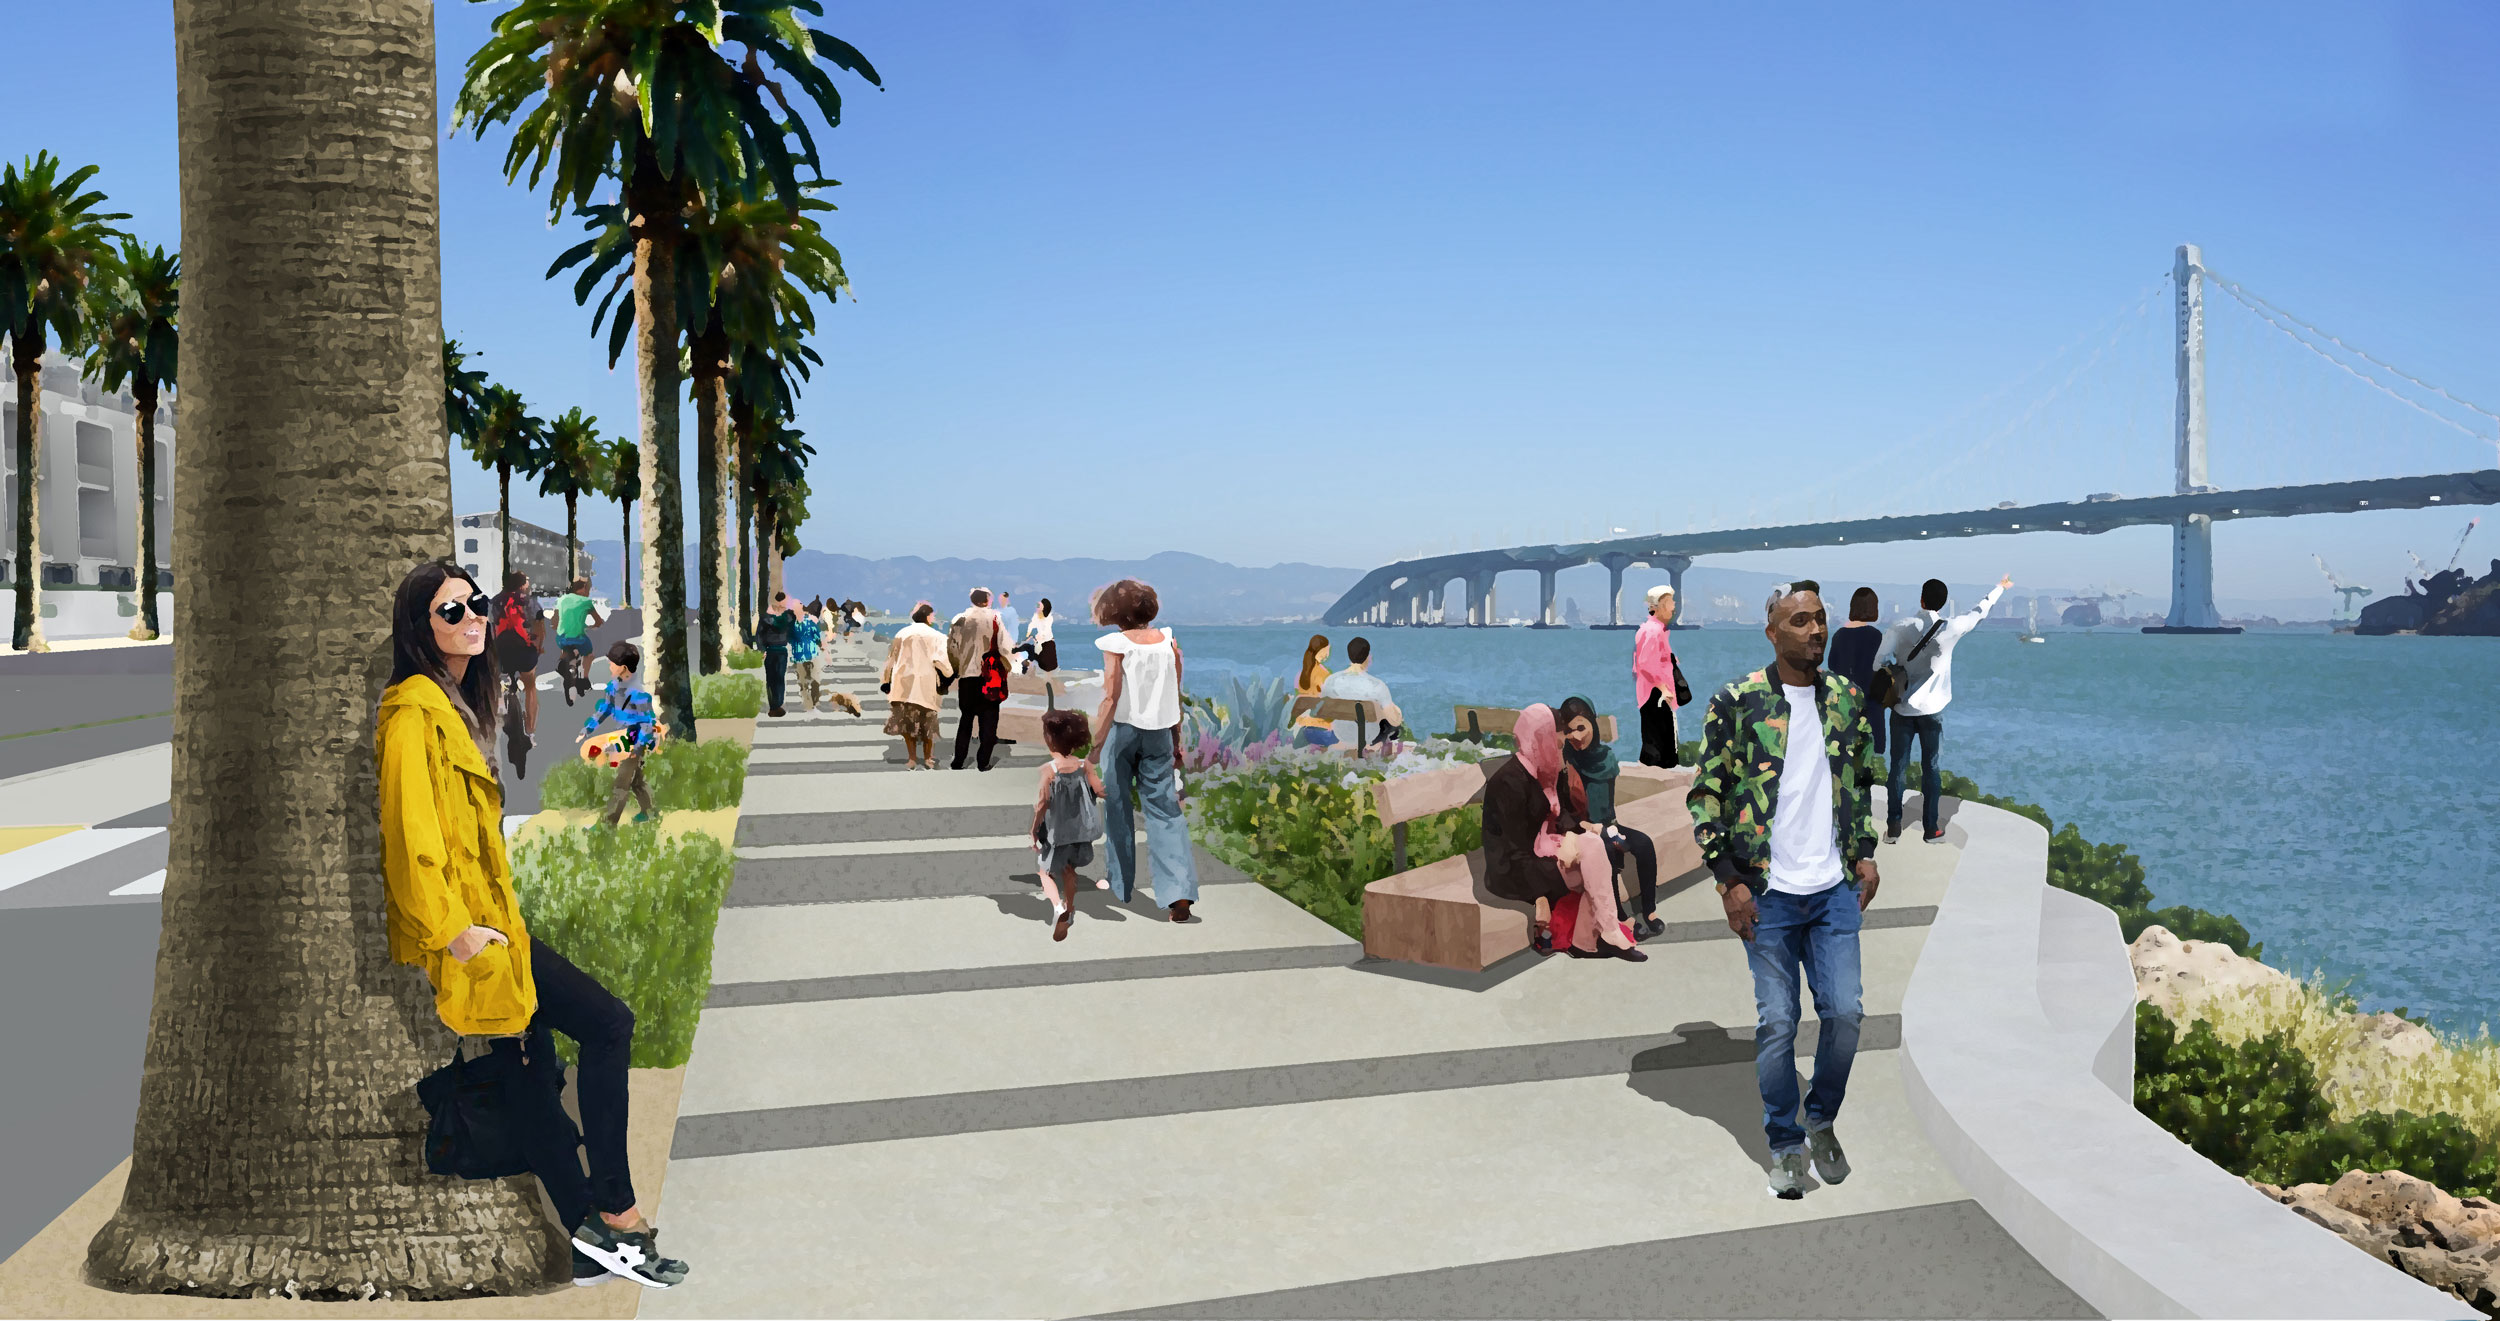 CLIPPER COVE Promenade